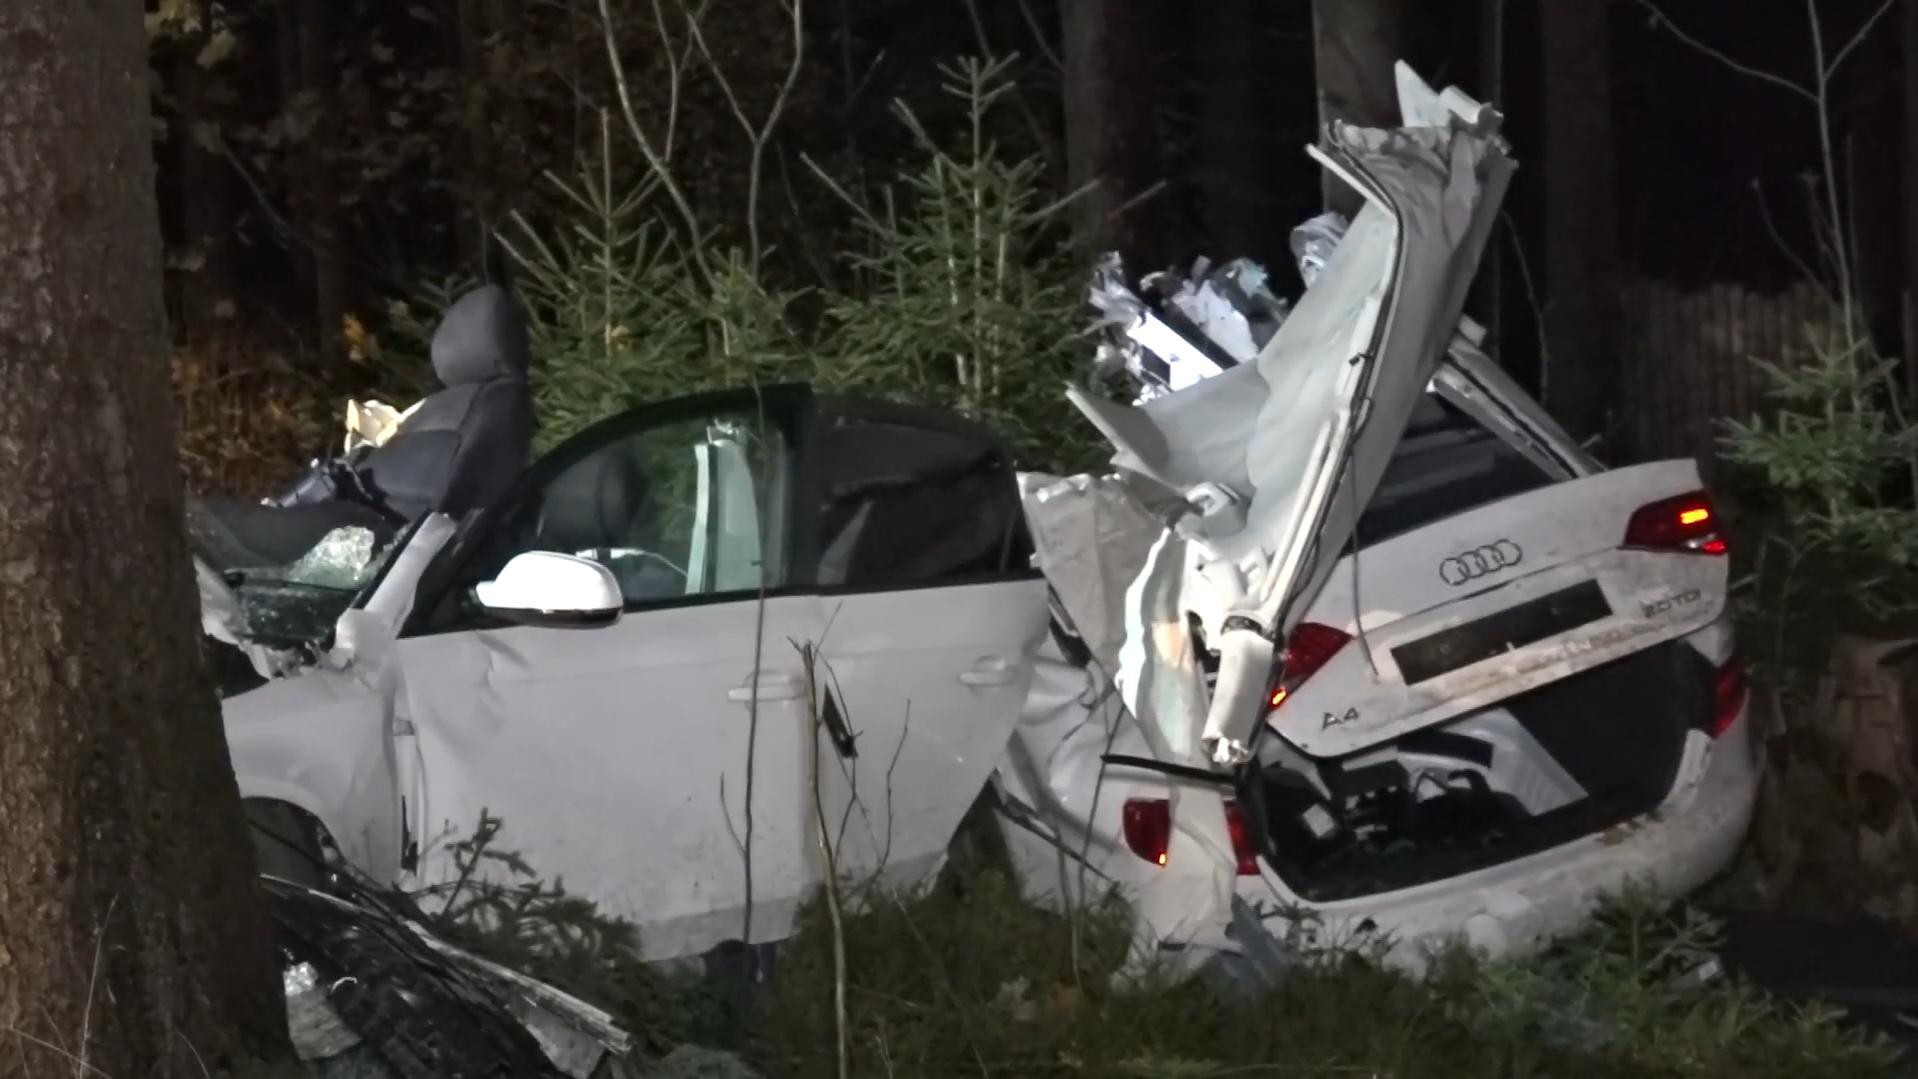 Triebel: Audi bei Unfall in mehrere Teile gerissen – Fahrer lebensgefährlich verletzt